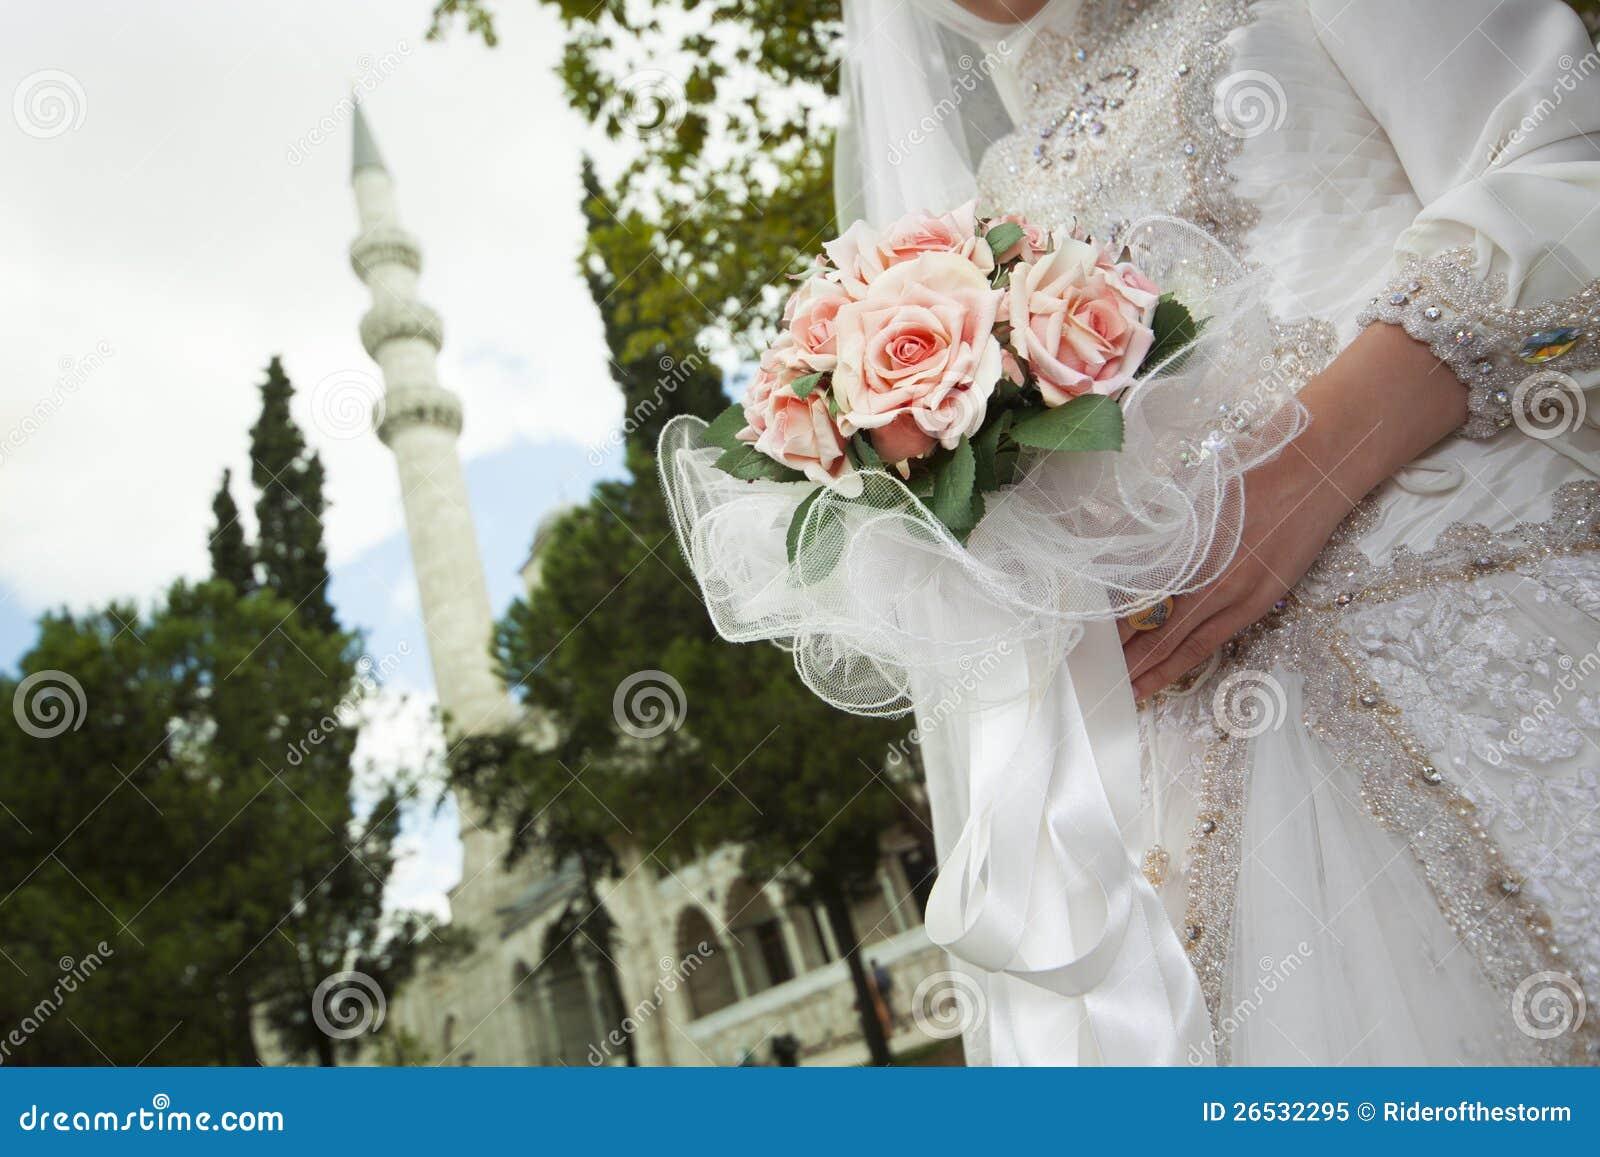 Mariage Islamique Photo libre de droits - Image: 26532295